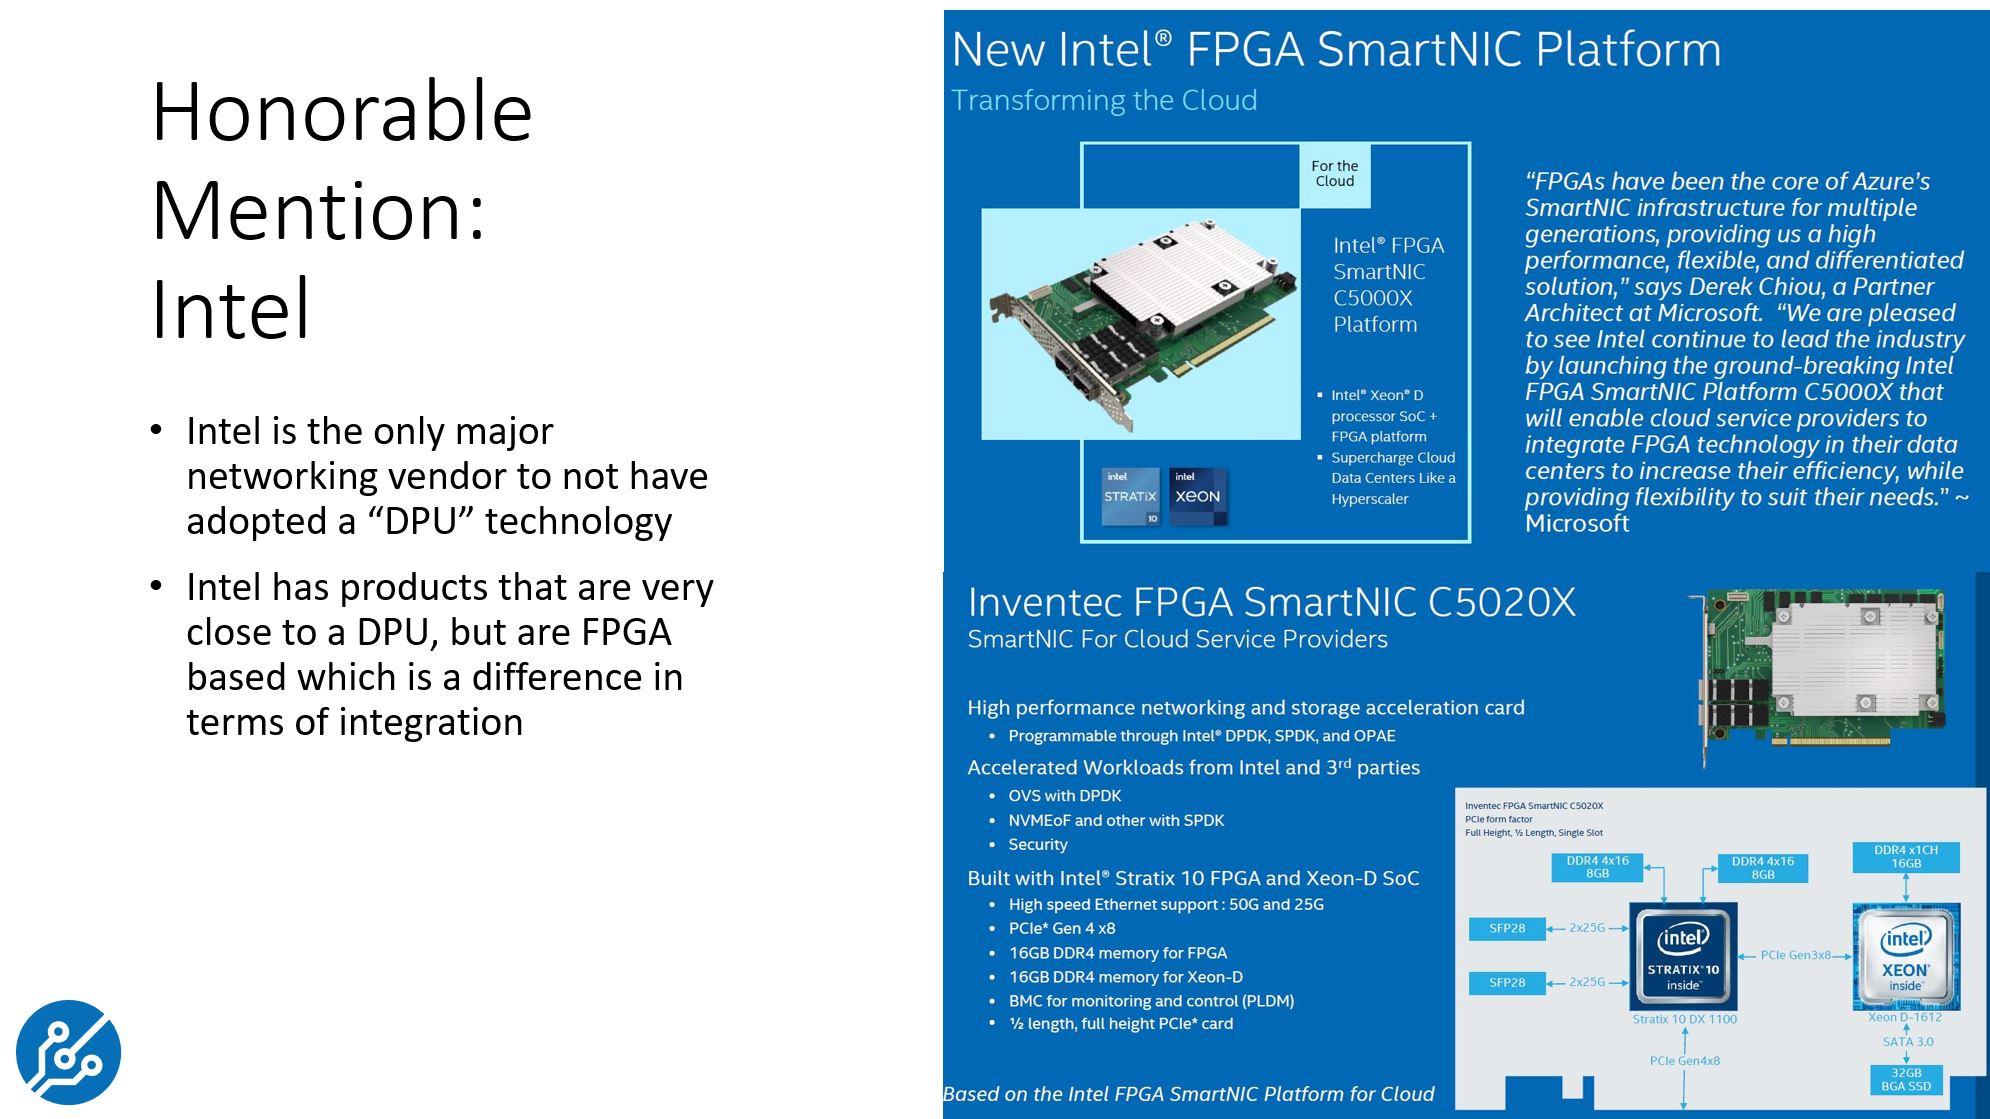 Inventec Intel FPGA SmartNIC C5020X Example Q2 2021